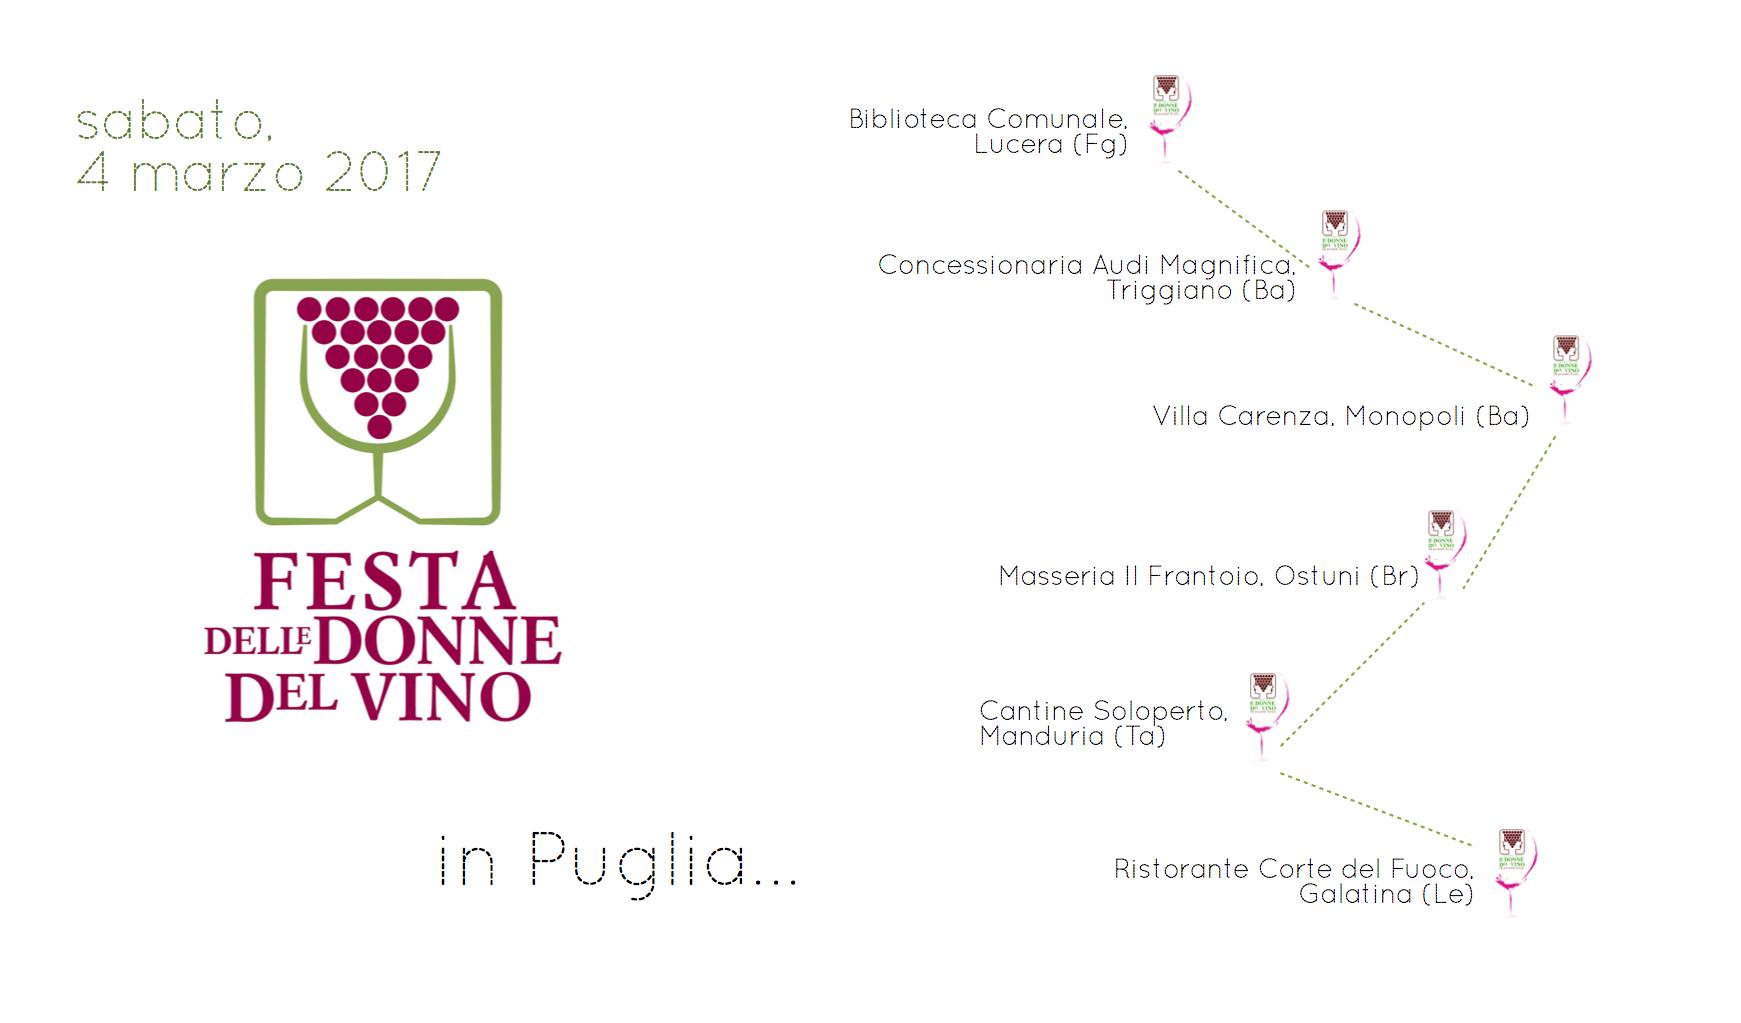 Festa delle Donne del vino 2017 in Puglia